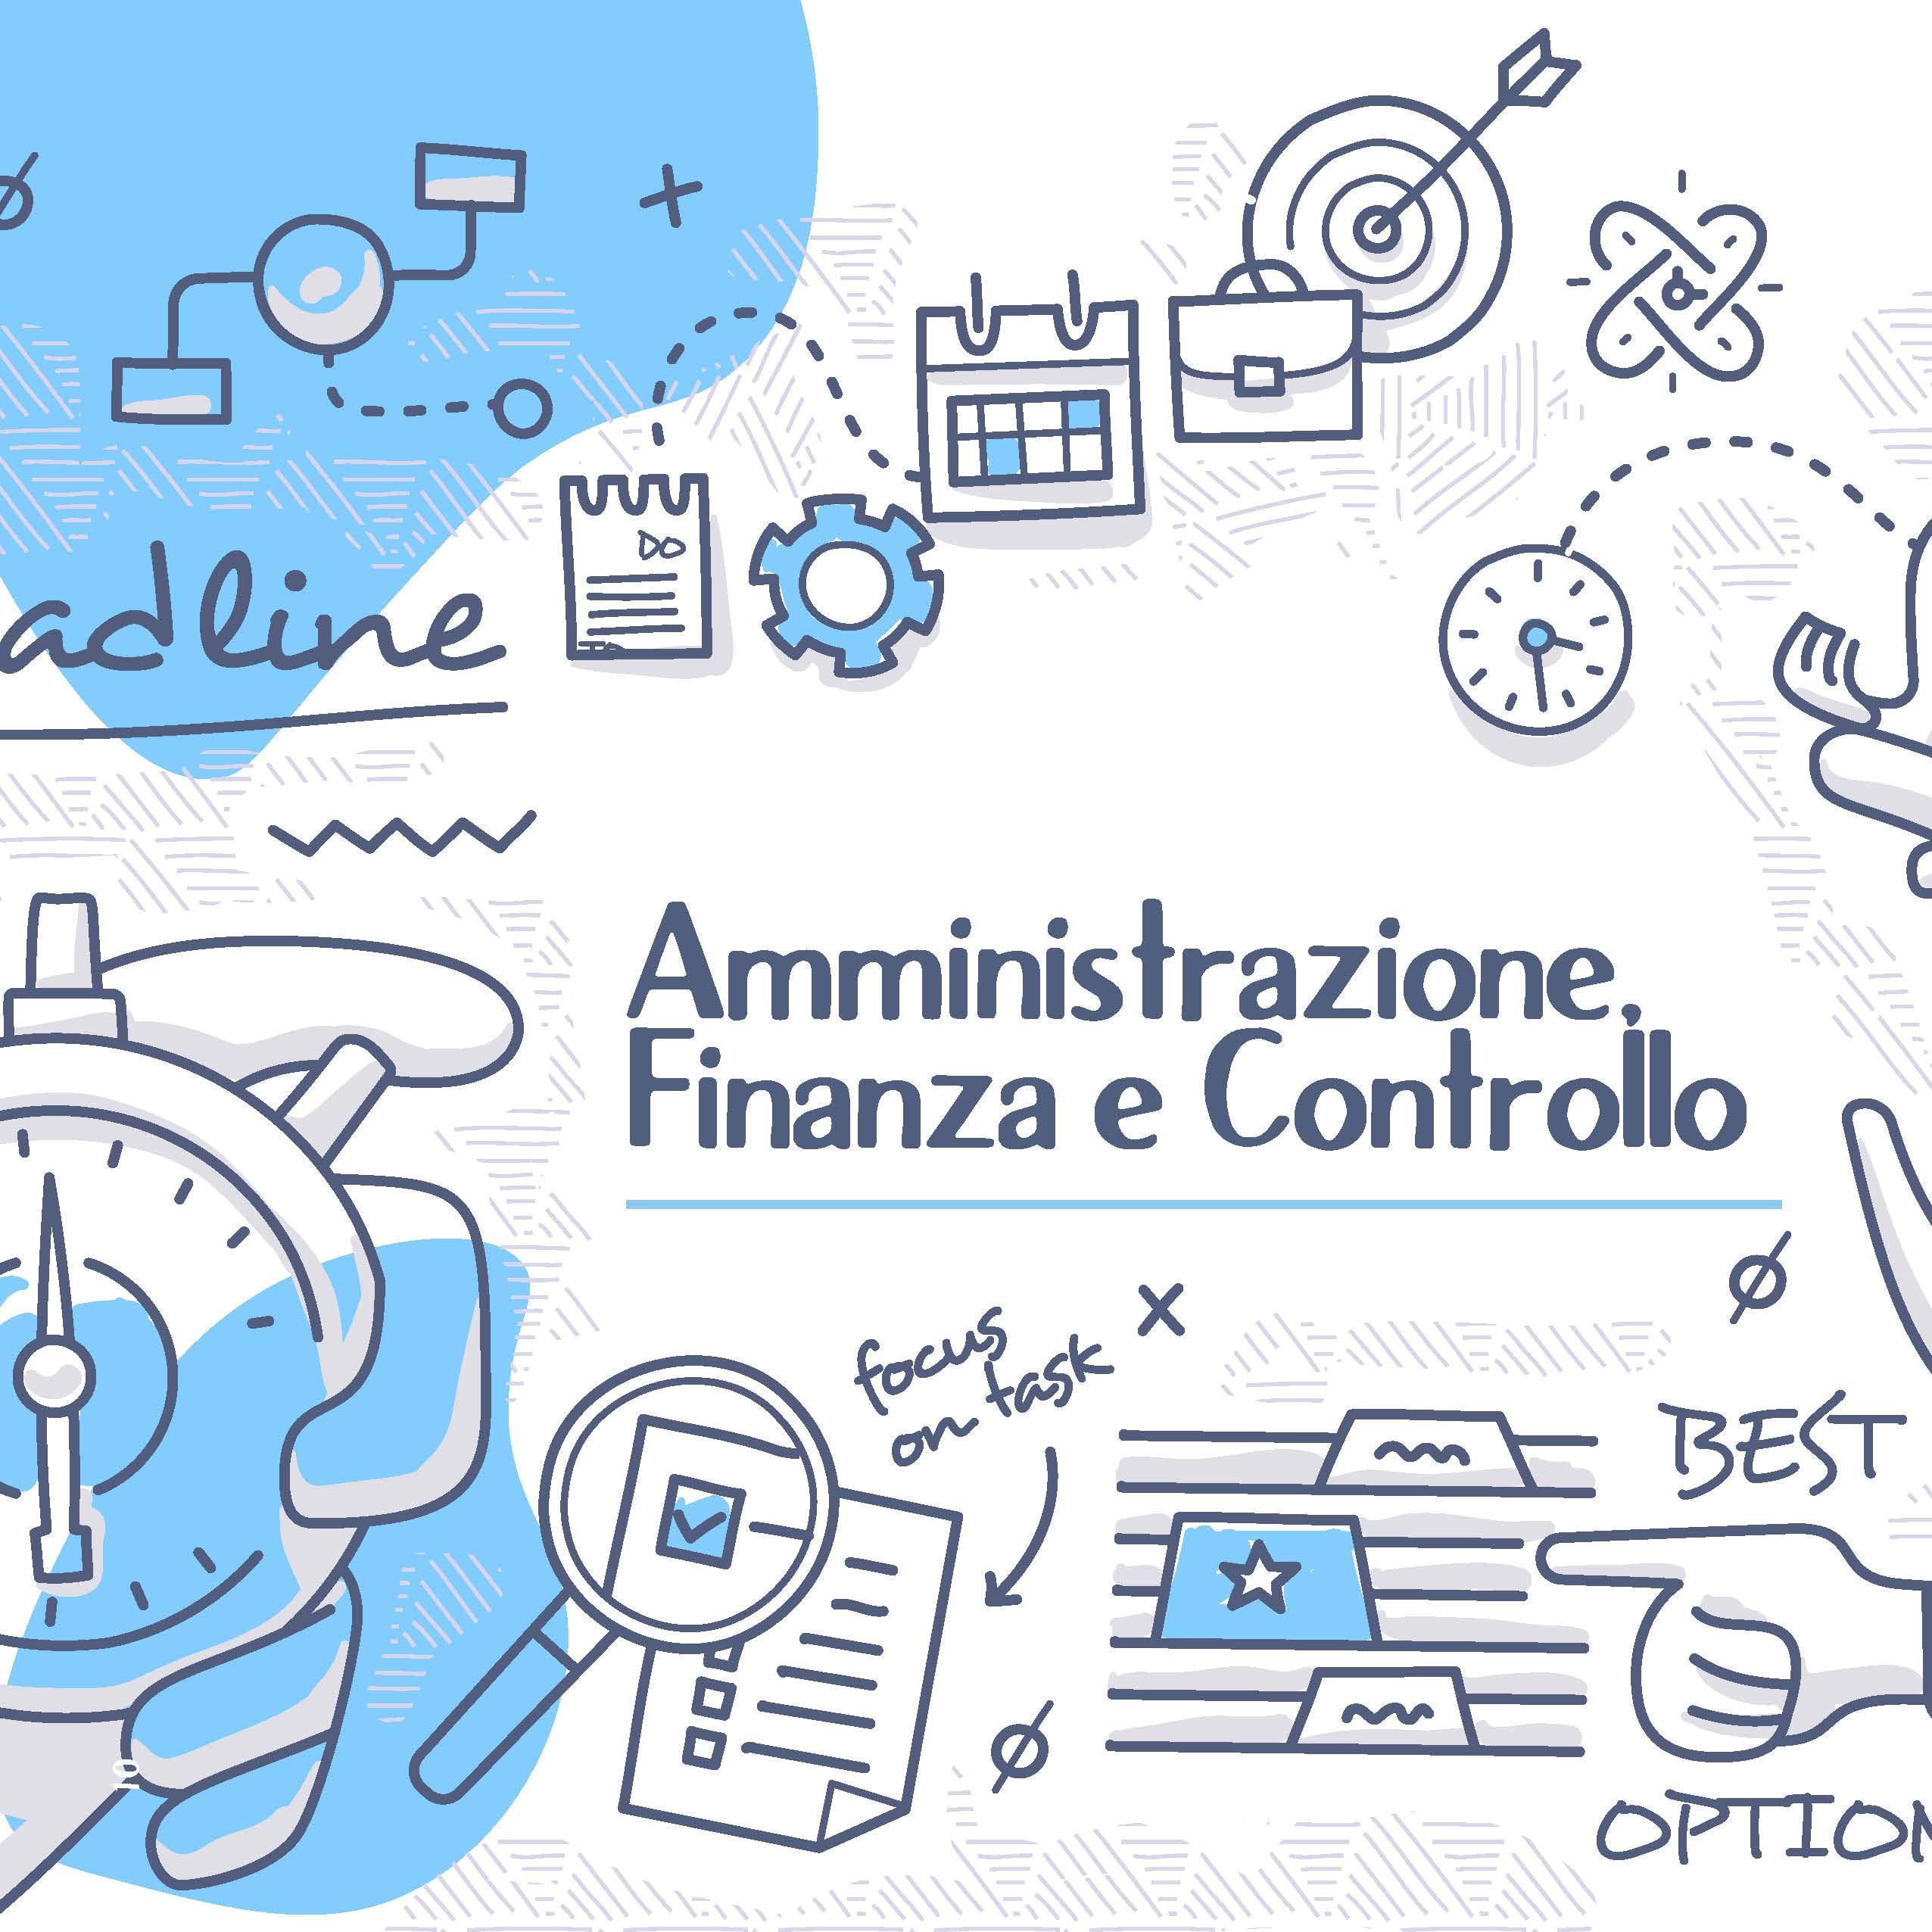 Amministrazione, Finanza e Controllo